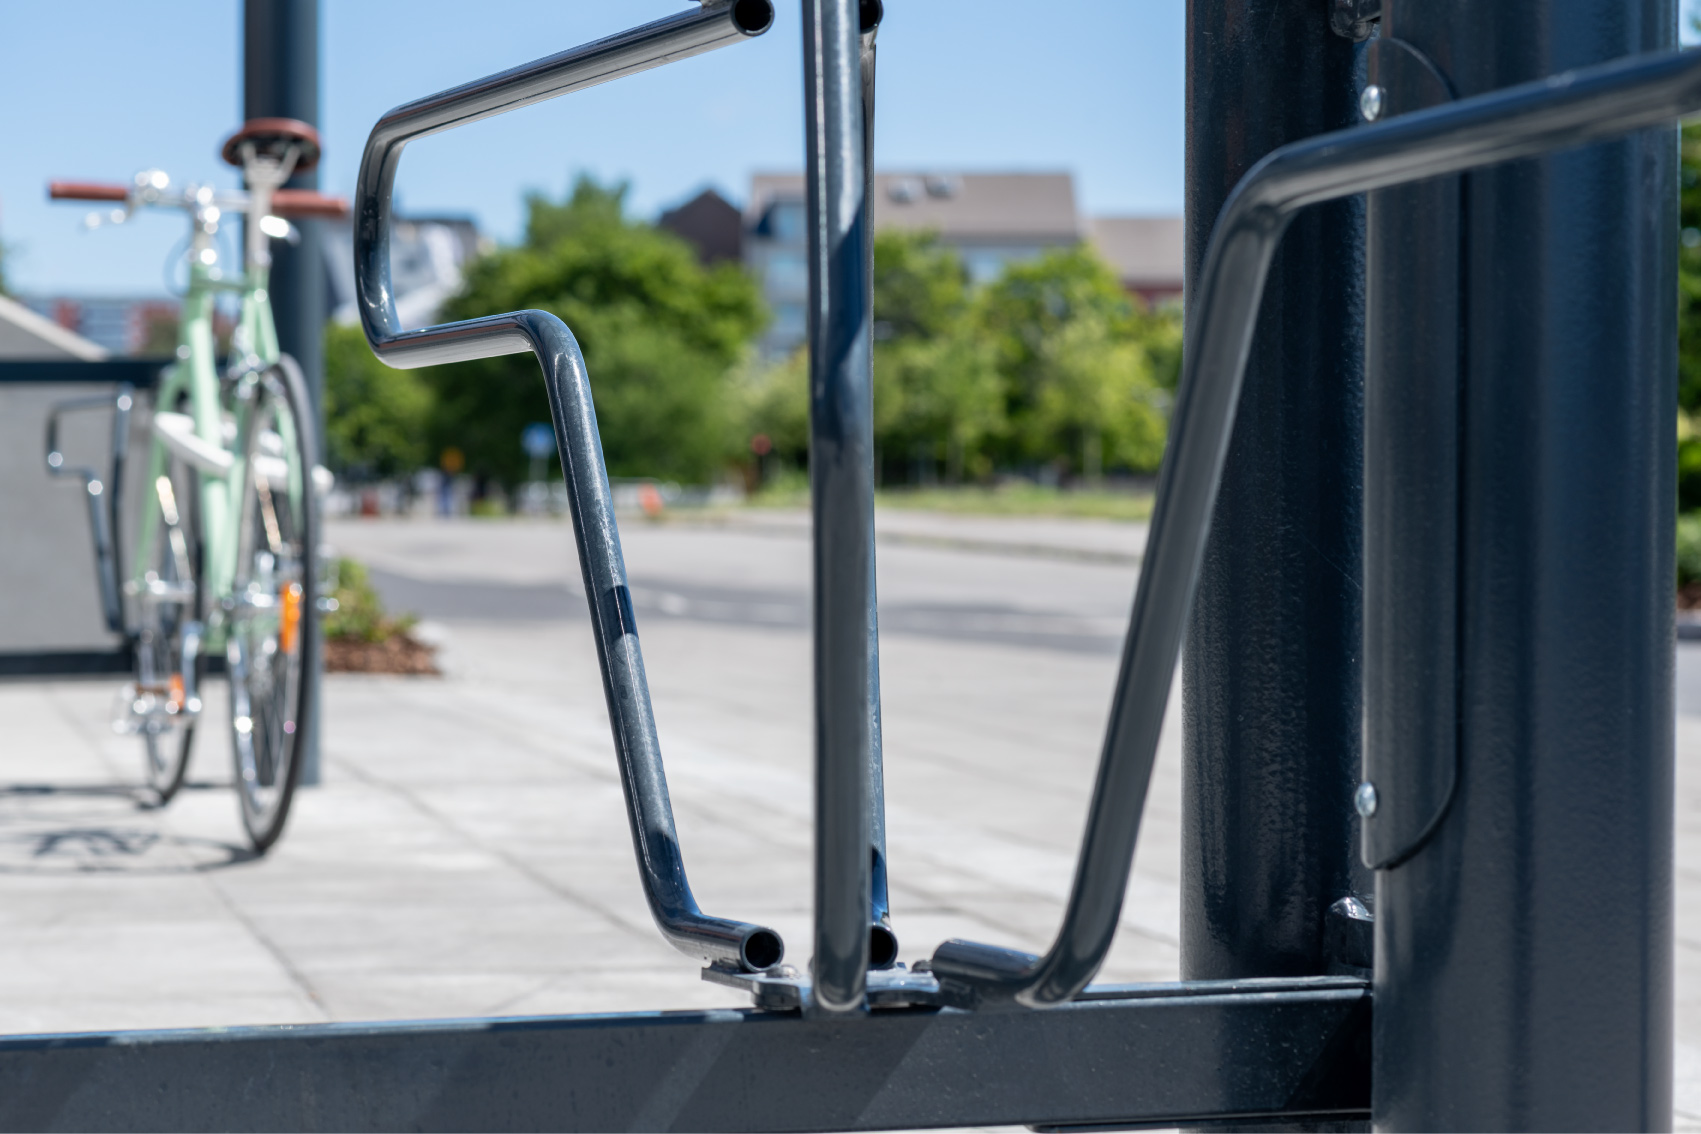 Detaljbild på DELTA cykelställ från Cyklos, i bakgrunden en grön cykel parkerad i cykelställ